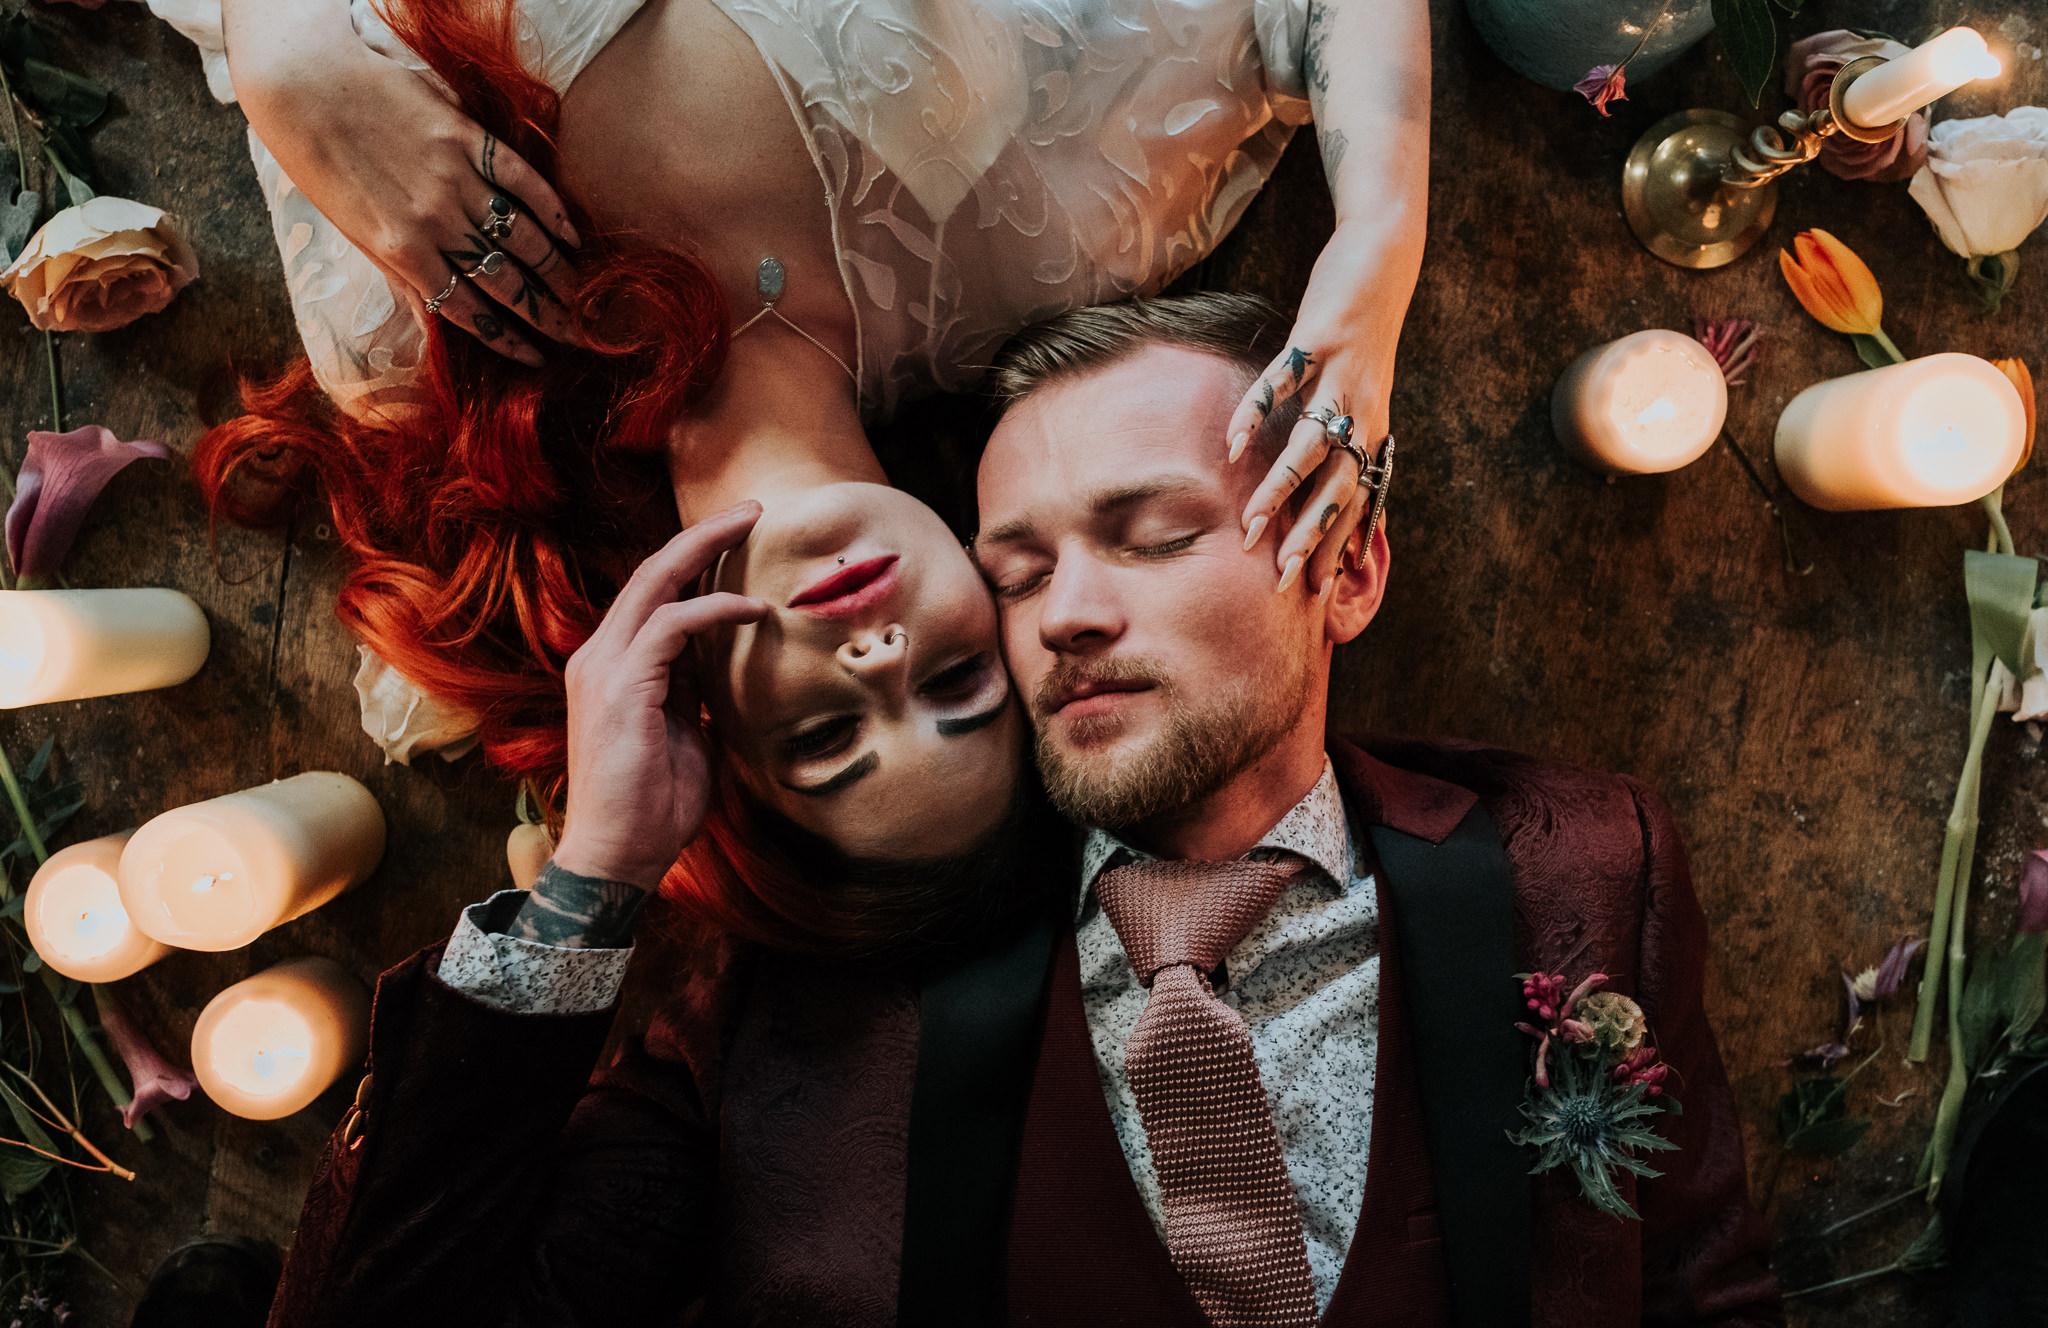 alternative chapel wedding- asylum london- unique london wedding venue- london wedding venue- Jenny Appleton Photography- alternative wedding ideas